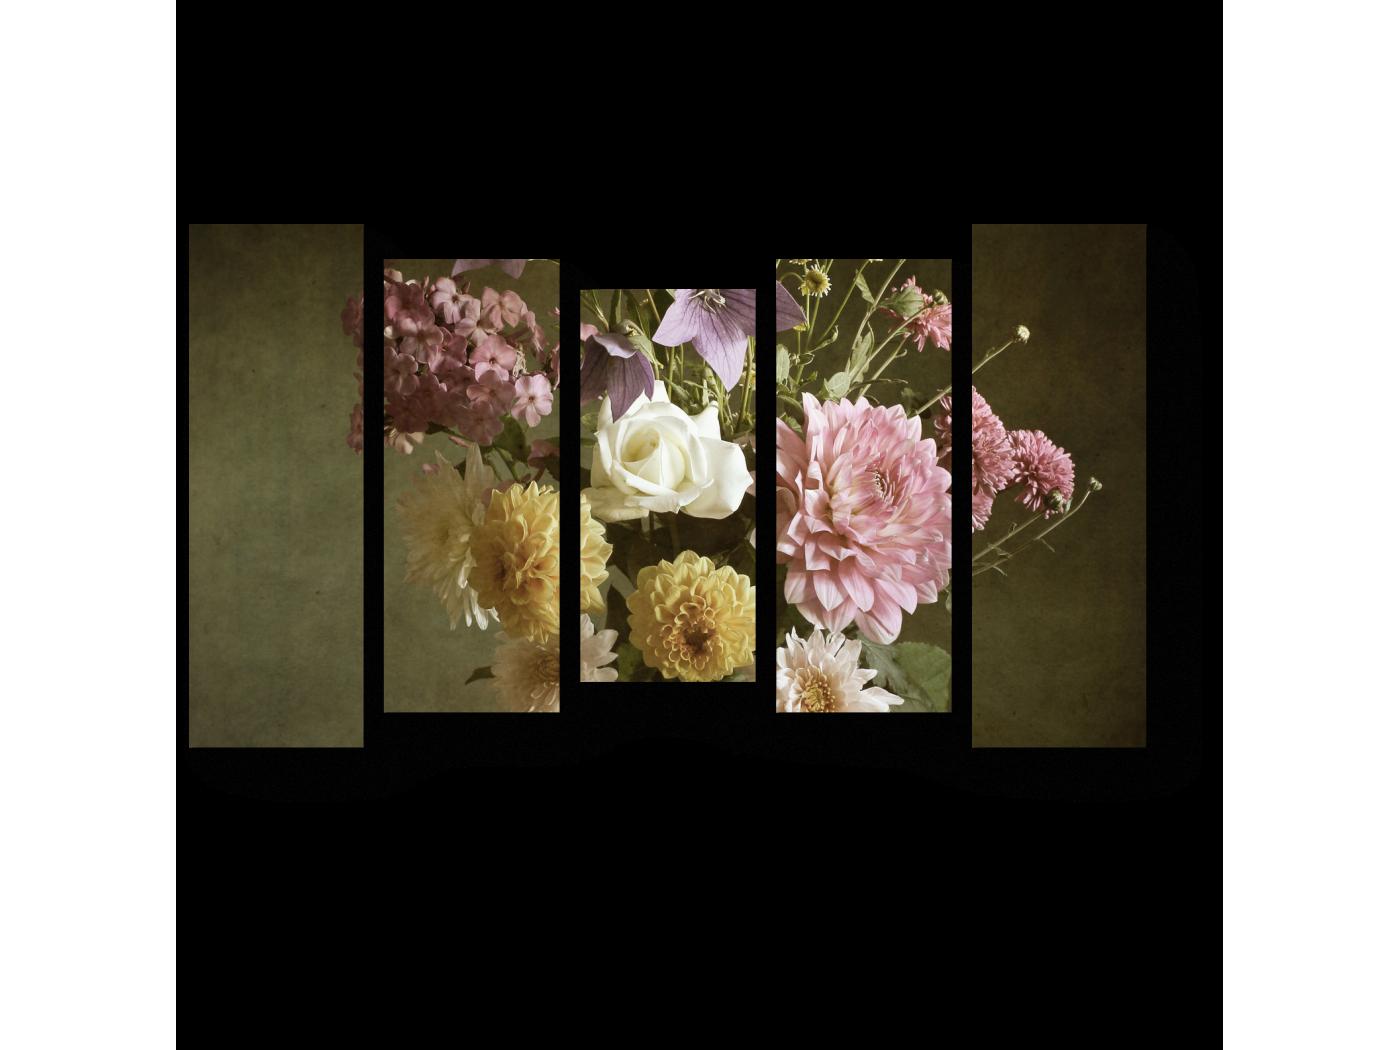 Модульная картина Ваза с георгинами (90x54) фото